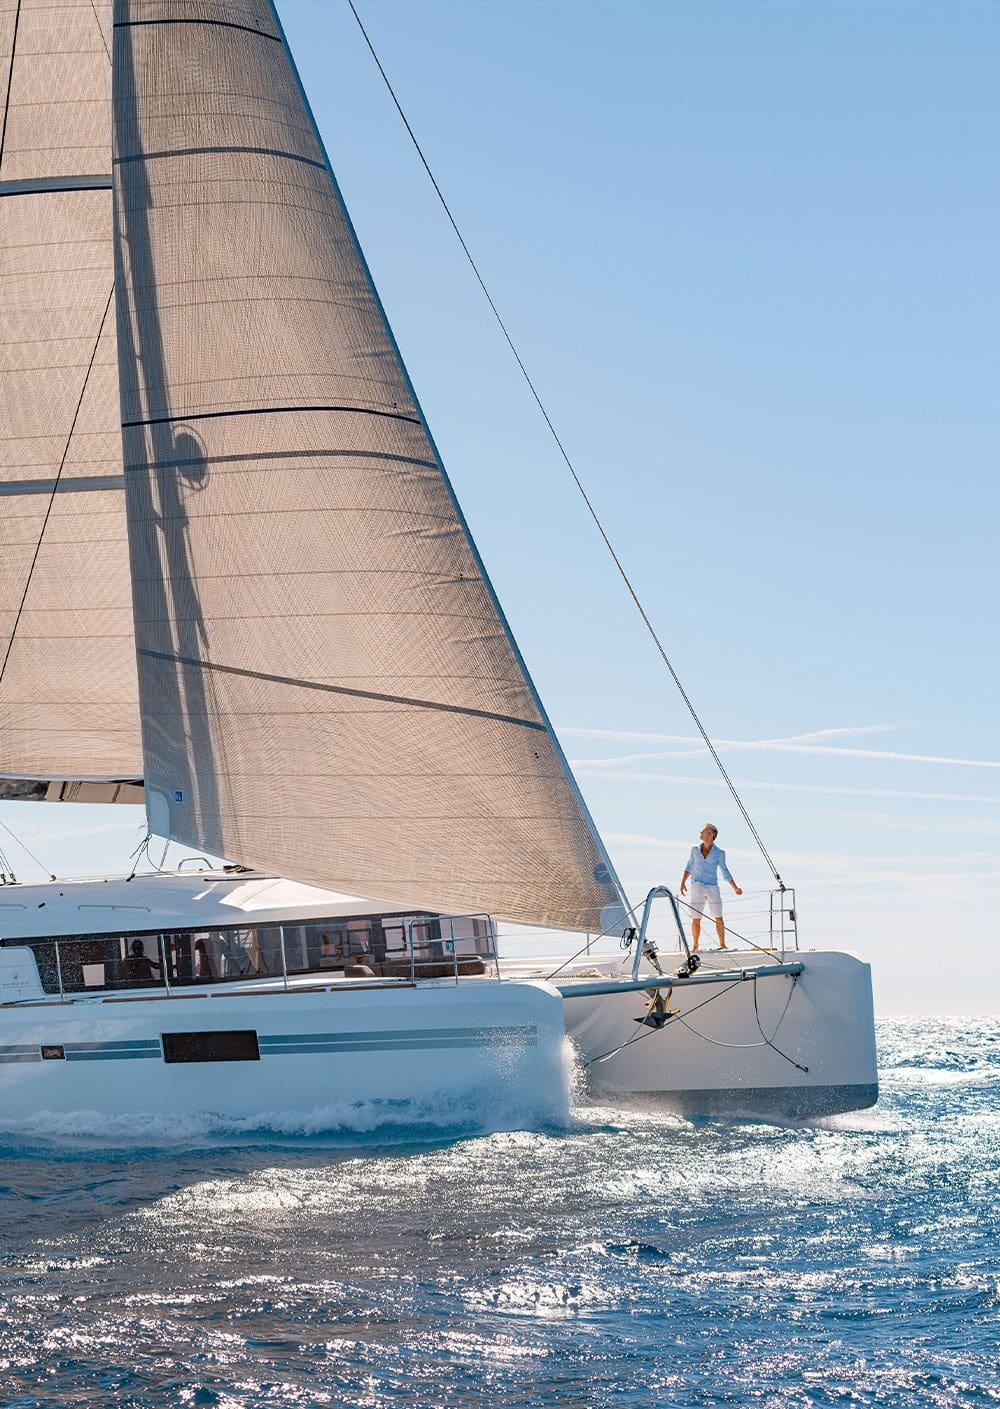 Un uomo a prua di un catamarano Lagoon, guarda la vela maestosa della sua barca a vela mentre il mare si infrange sulla carena della barca.